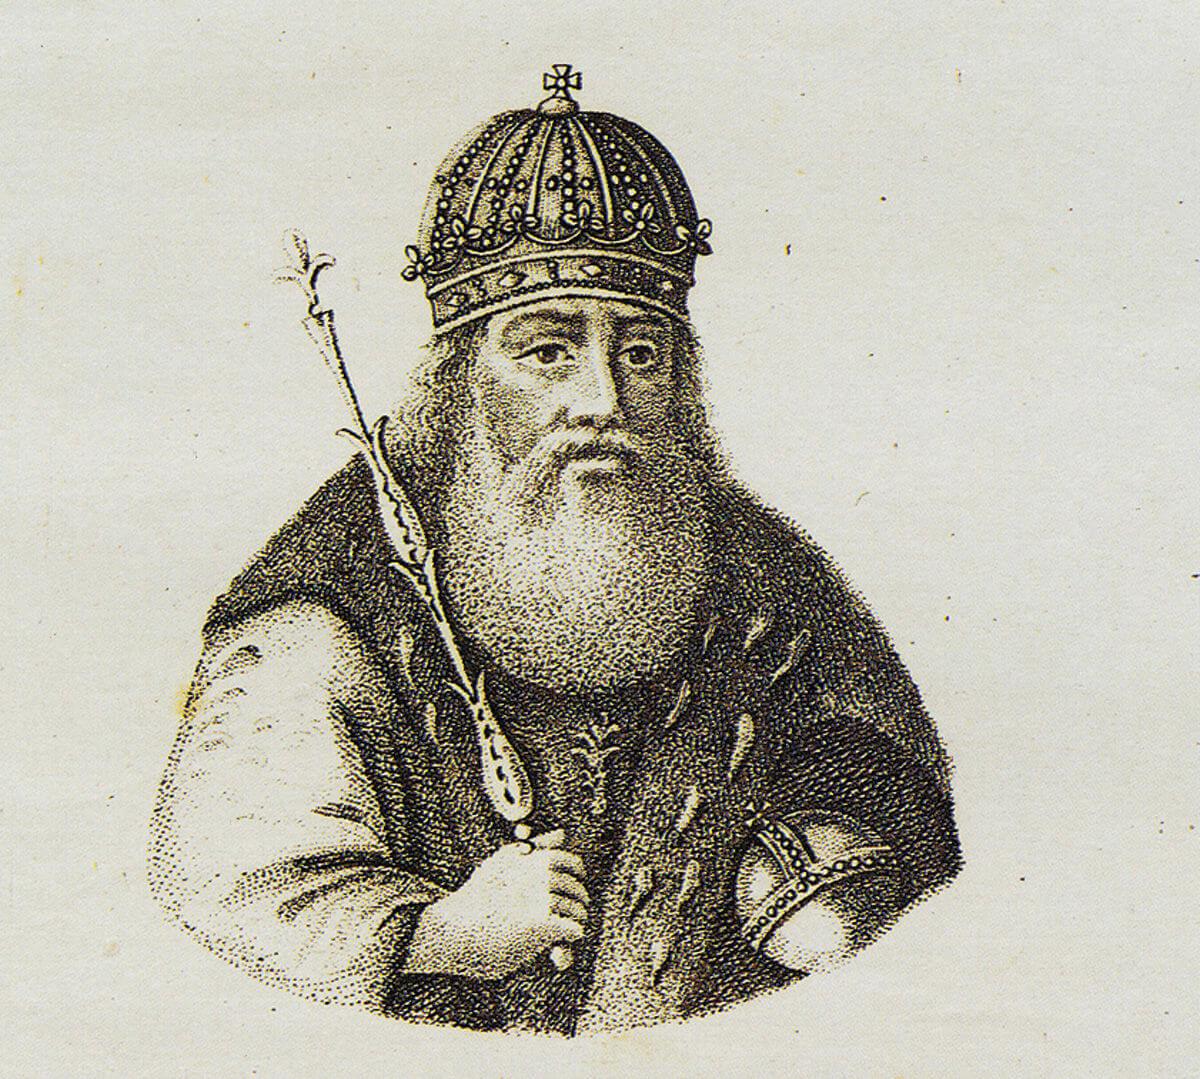 Великий князь Киевский Владимир Святославич. Гравюра неизвестного художника. Середина XIX века